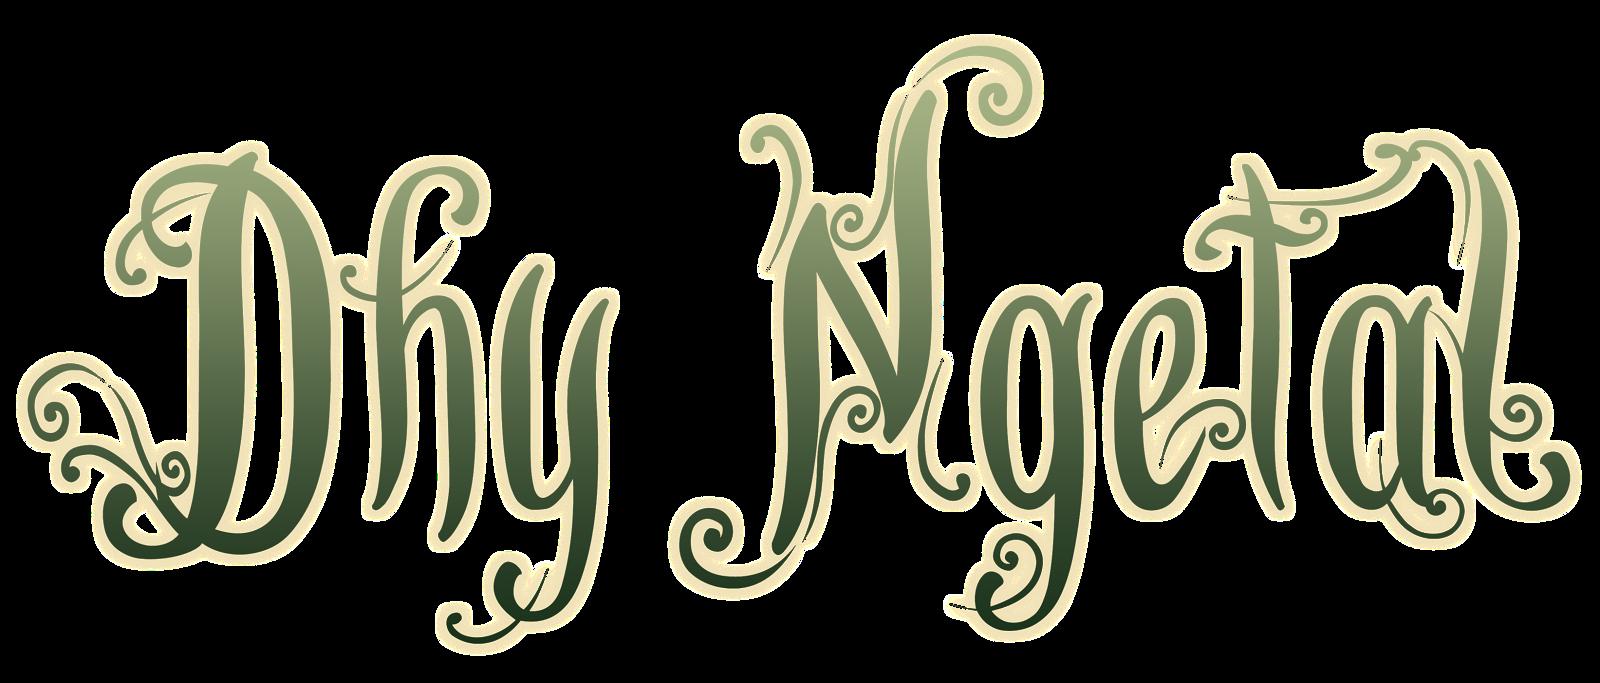 Dhy Ngetal